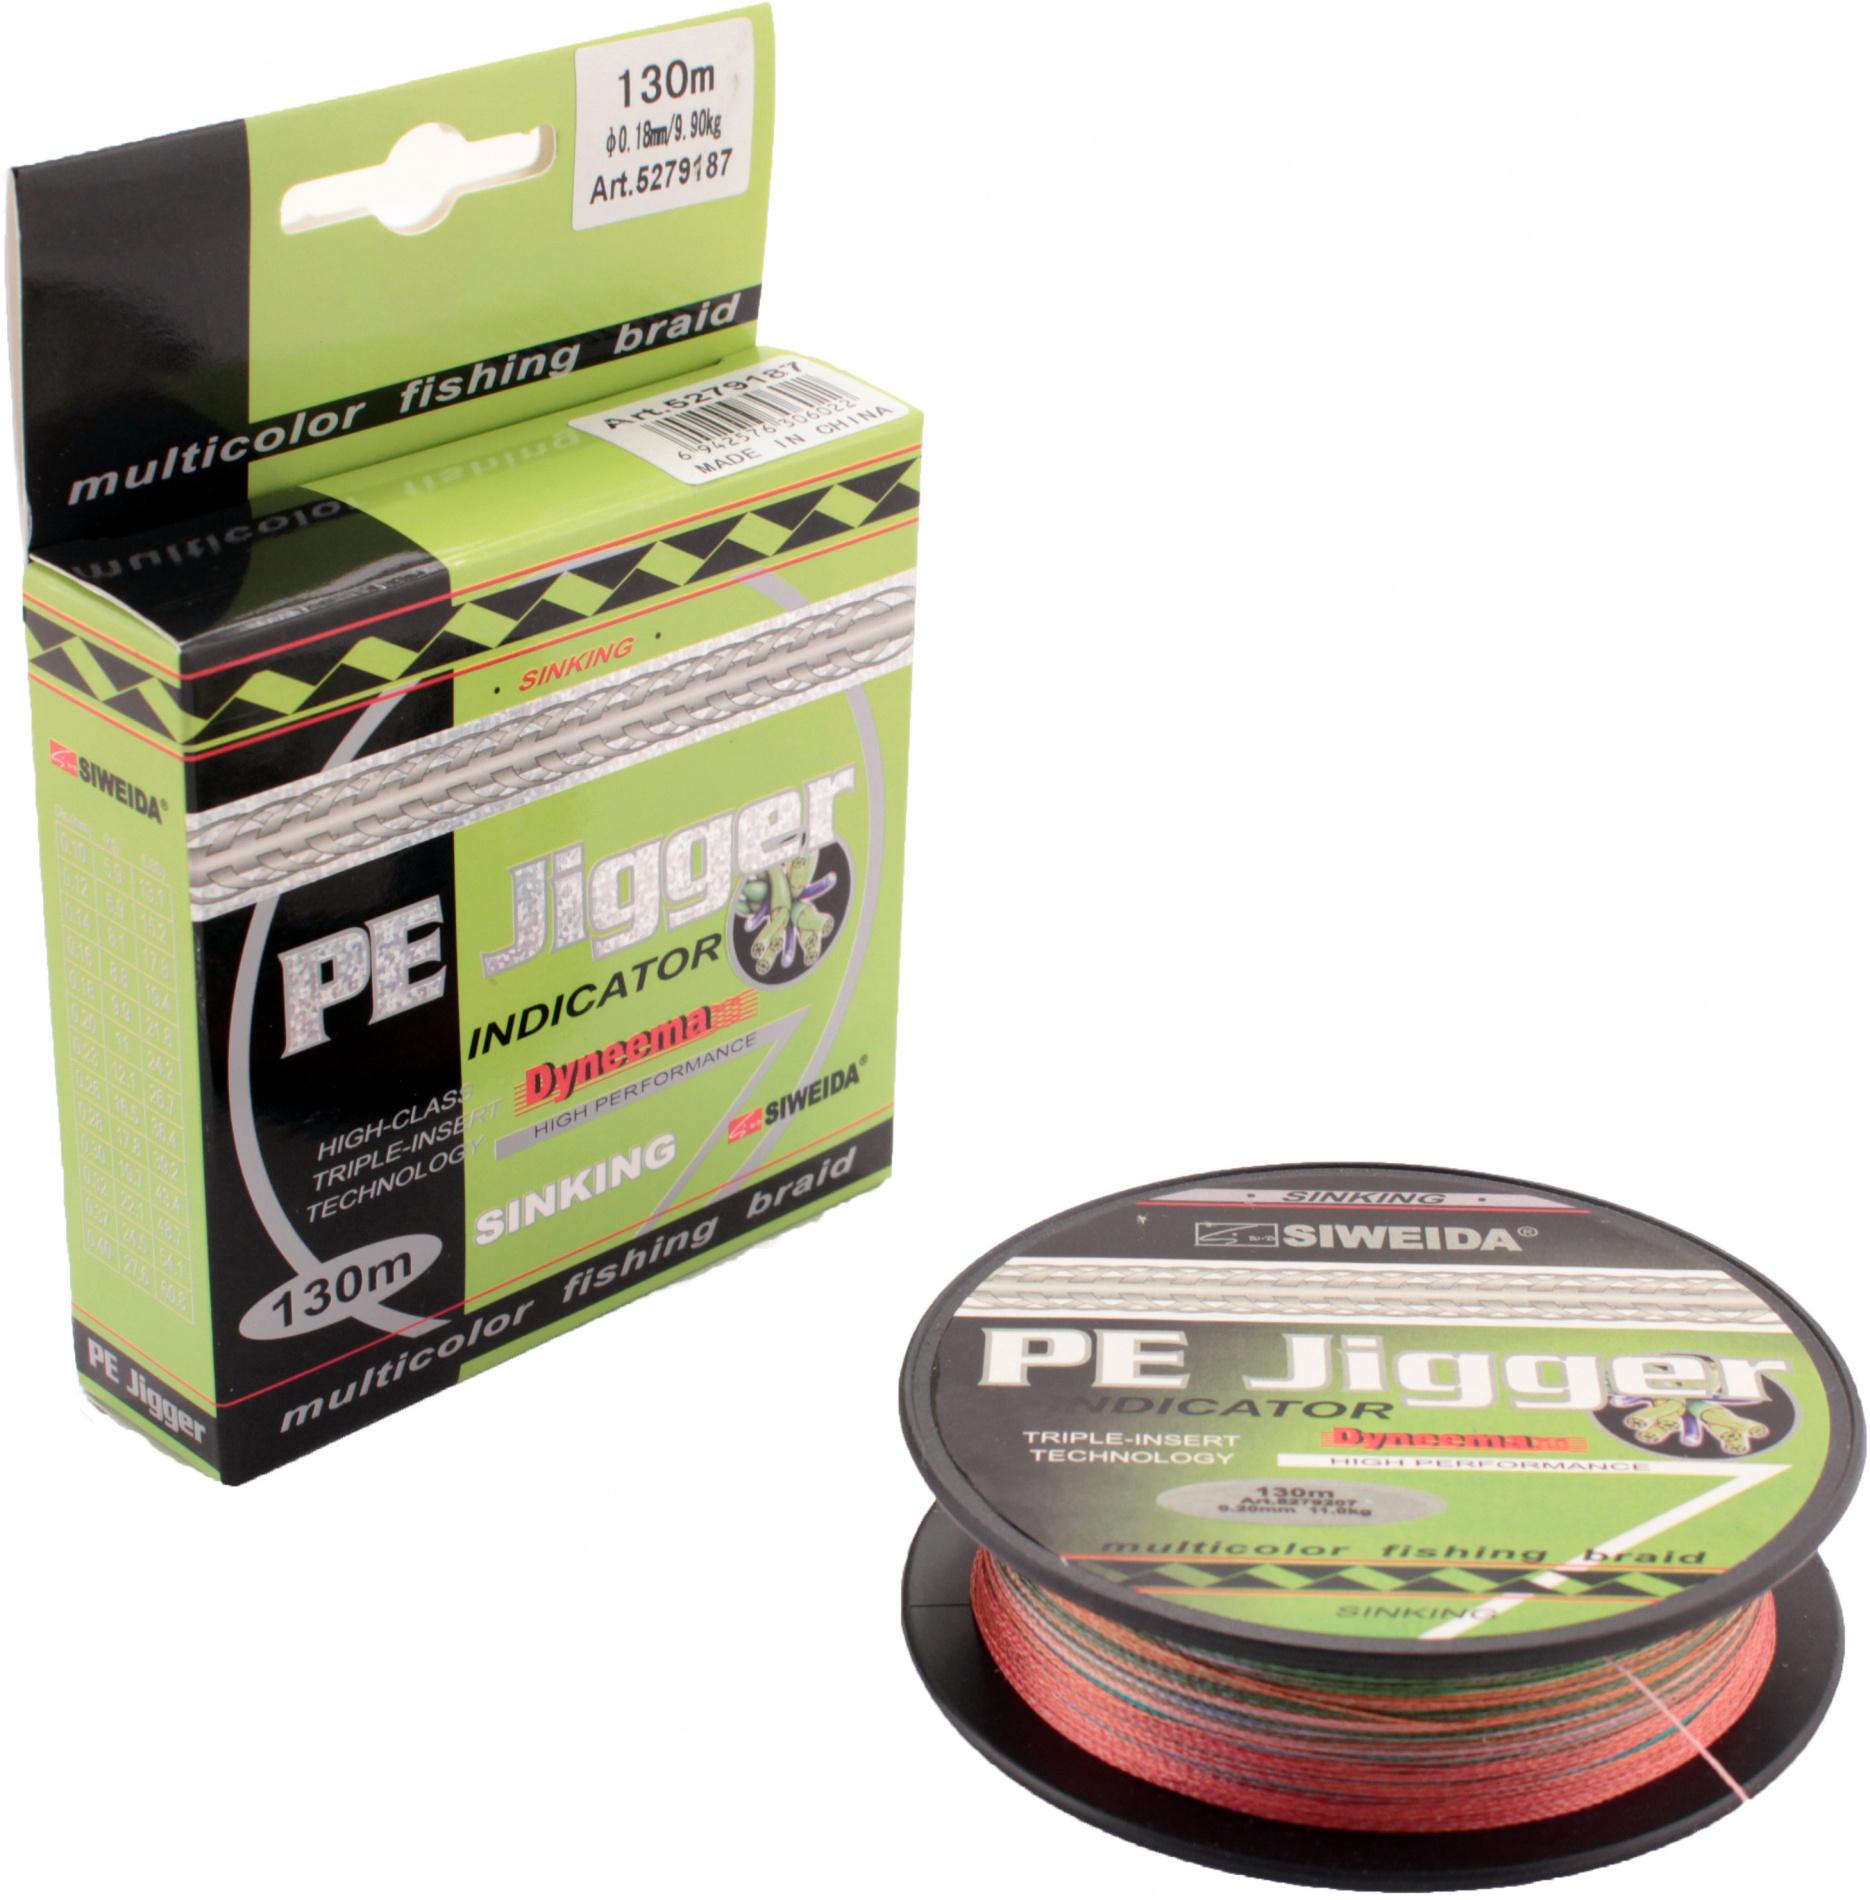 Леска плетеная SWD PE JIGGER INDICATOR 0,40 130м multicolor Леска плетеная<br>Пятицветный тонущий плетеный шнур, изготовленный <br>из волокна DYNEEMA, сечением 0,40мм (разрывная <br>нагрузка 27,60кг) и длиной 130м. Благодаря микроволокнам <br>полиэтилена (Super PE) шнур имеет очень плотное <br>плетение, не впитывает воду, имеет гладкую <br>поверхность и одинаковое сечение по всей <br>длине. Отличается практически нулевой растяжимостью, <br>что позволяет полностью контролировать <br>спиннинговую приманку. Длина куска одного <br>цвета - 10м. Это позволяет рыболовам точно <br>контролировать дальность заброса приманки. <br>Подходит для всех видов ловли хищника.<br>